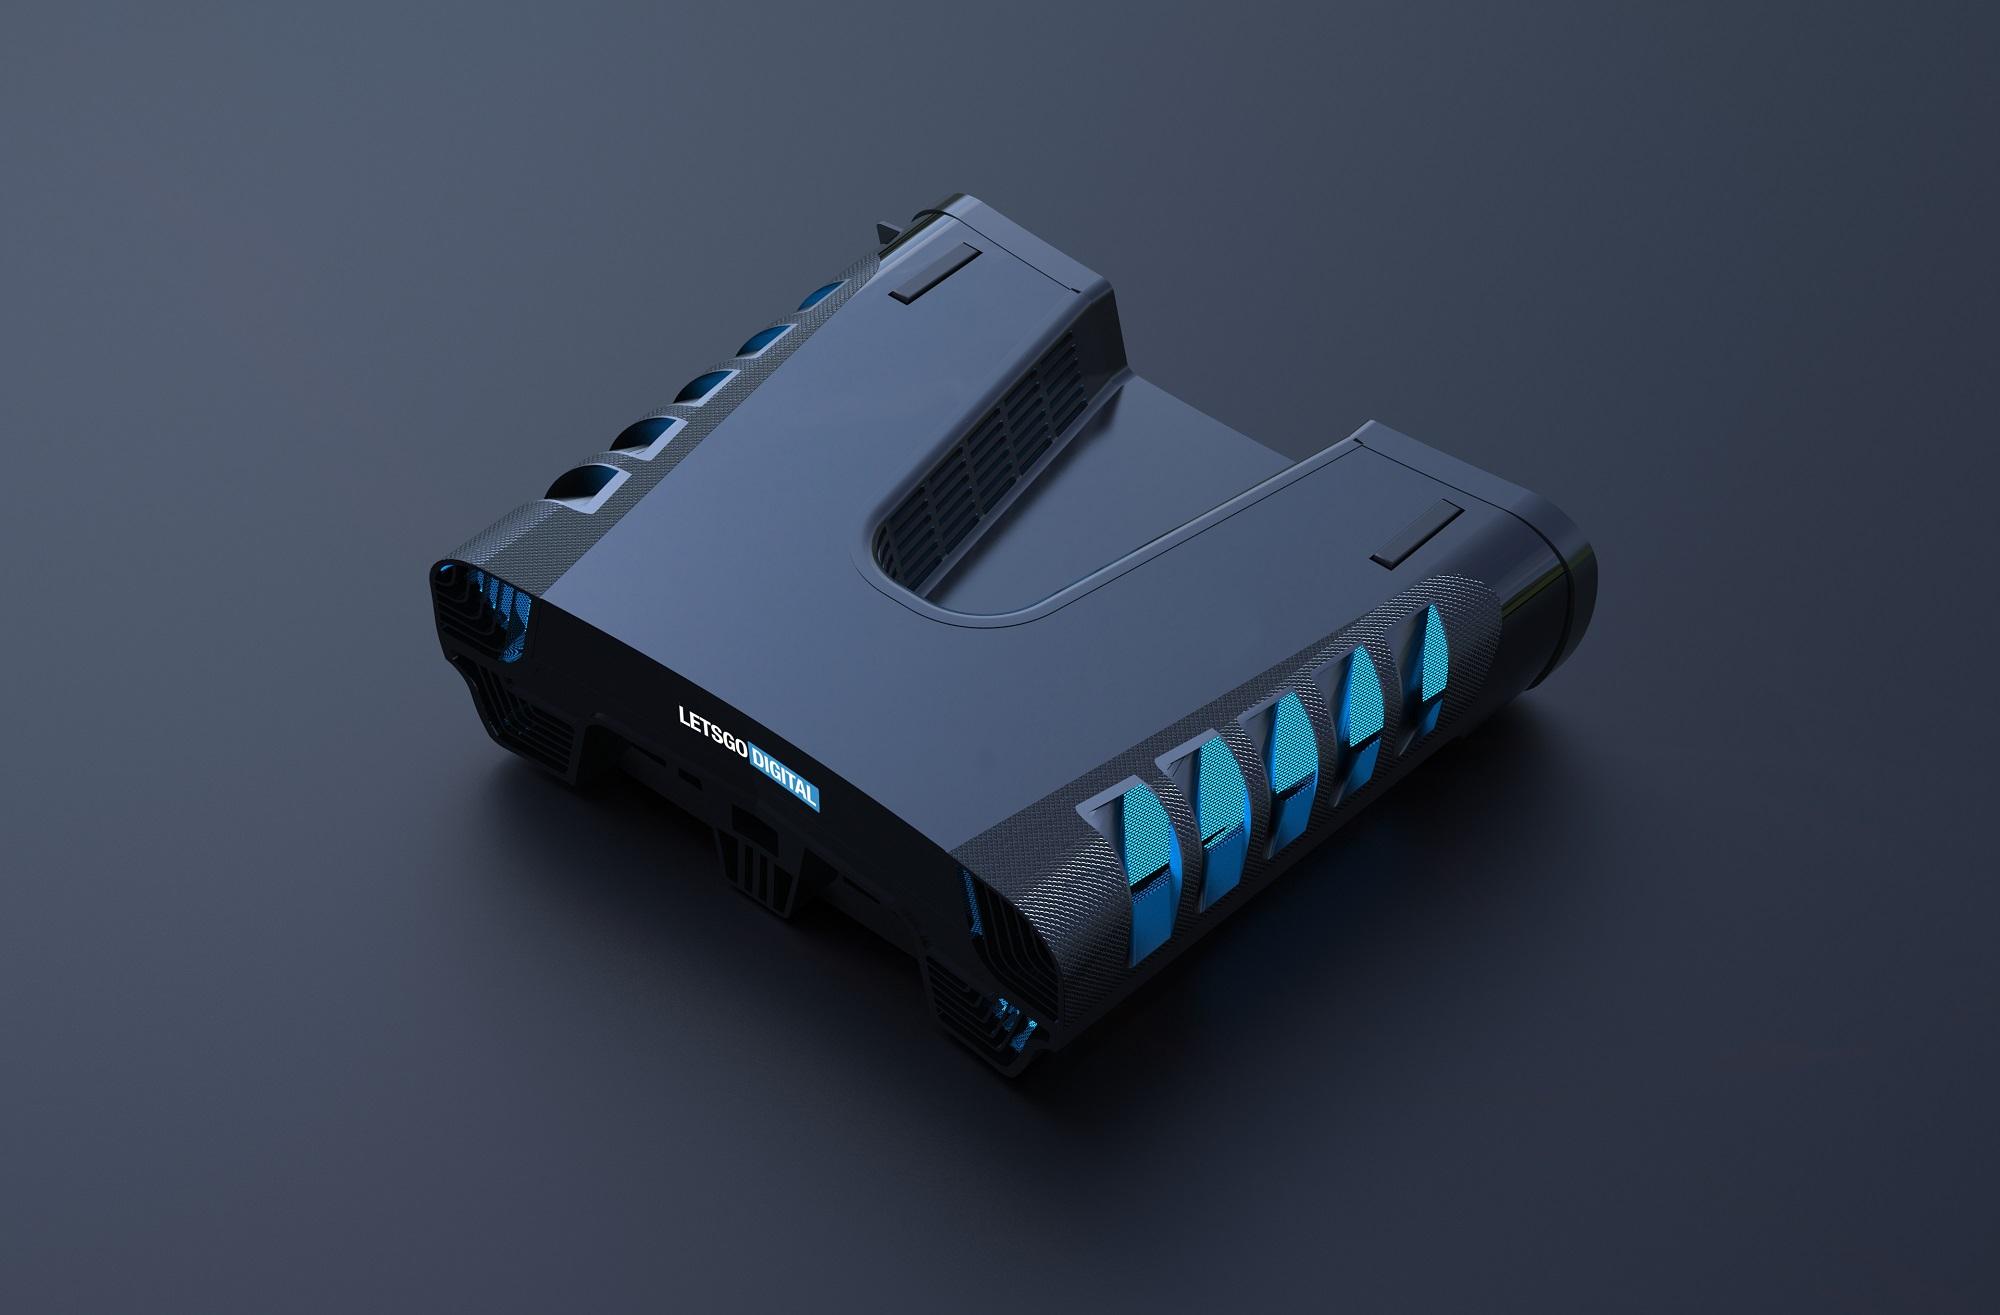 Инсайдер: PlayStation 5 выглядит как классическая консоль, только вдвое толще PS4 Pro и имеет необычную деталь